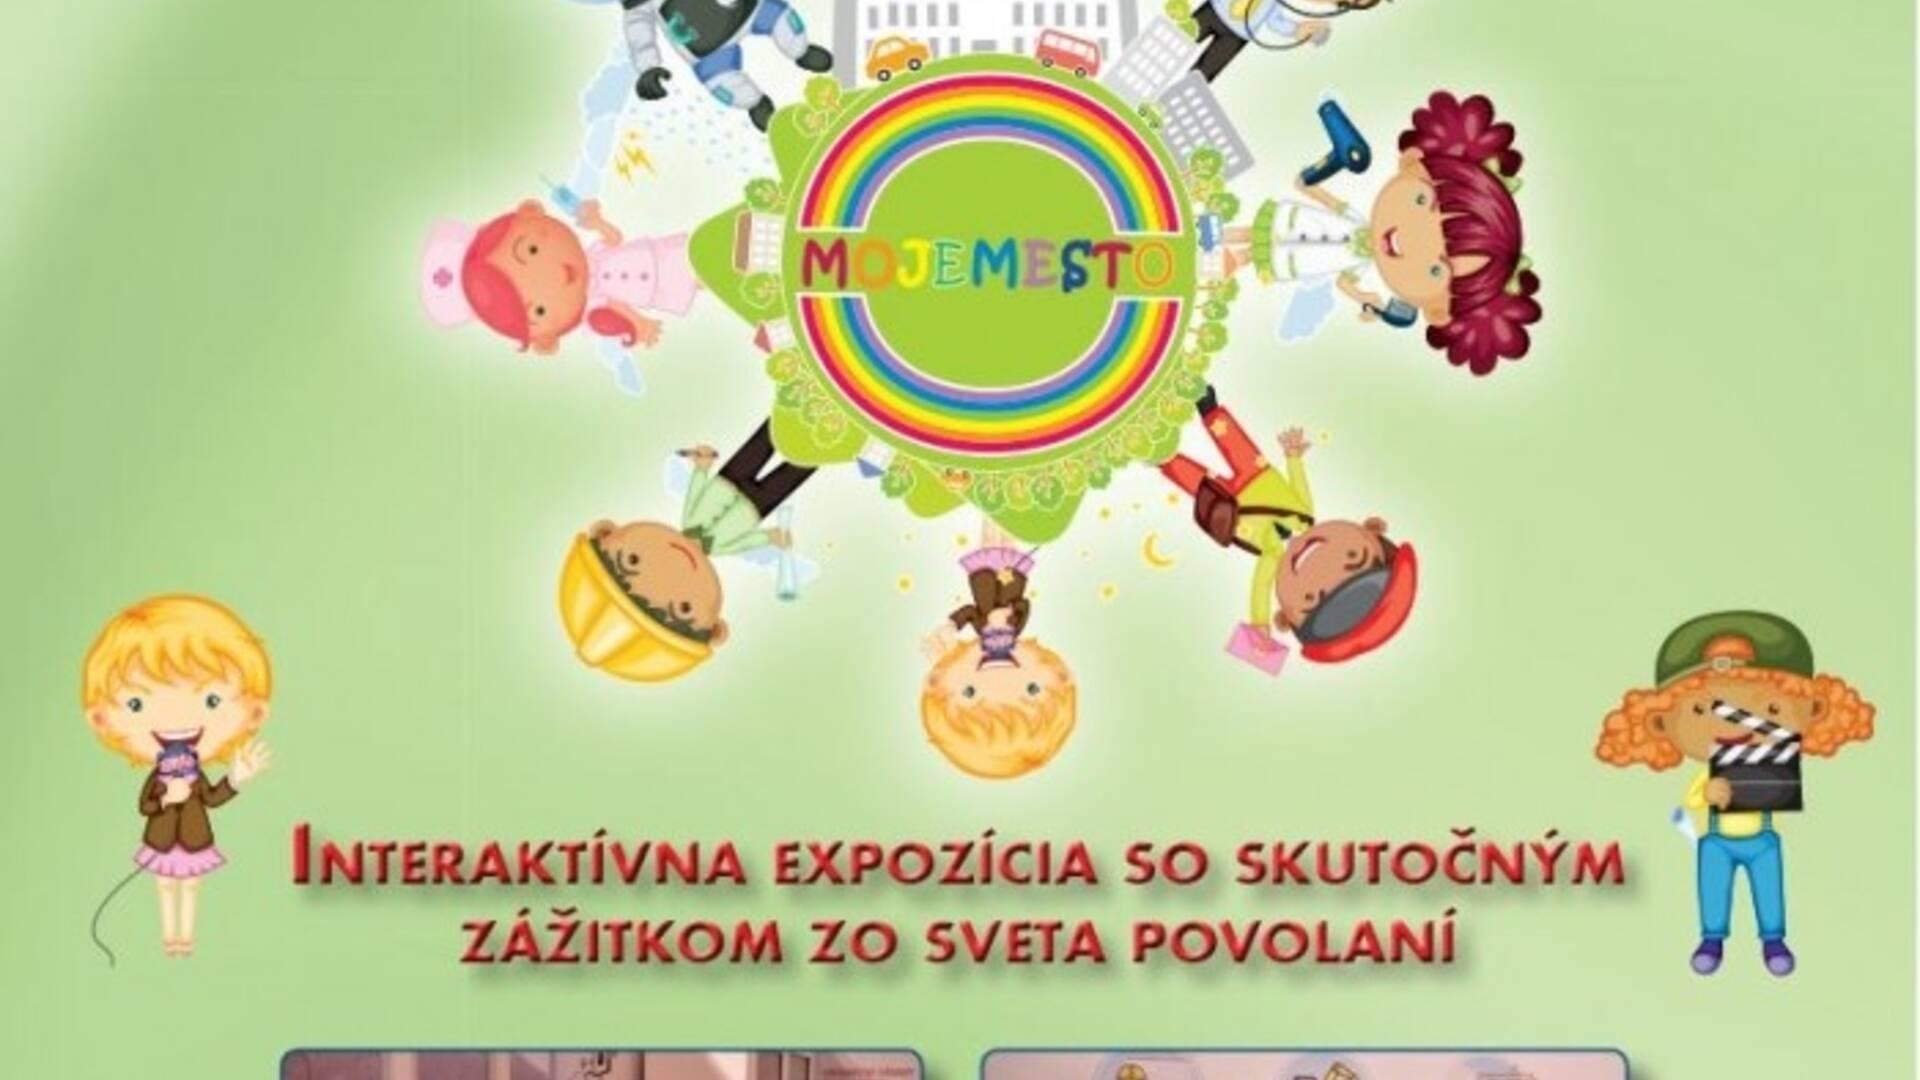 7ea46a796 Prvé detské mesto povolaní v Košiciach   Podujatia   GoSlovakia